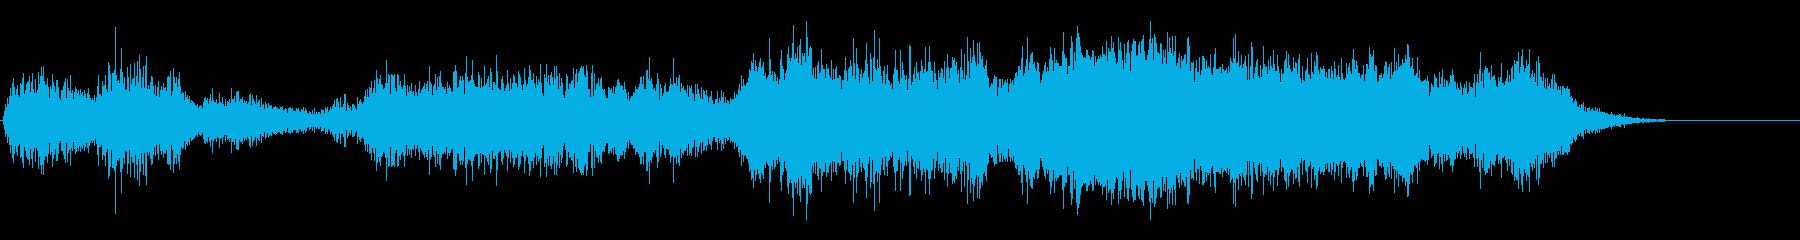 ハロウィン系ジングル ホラーな雰囲気の再生済みの波形